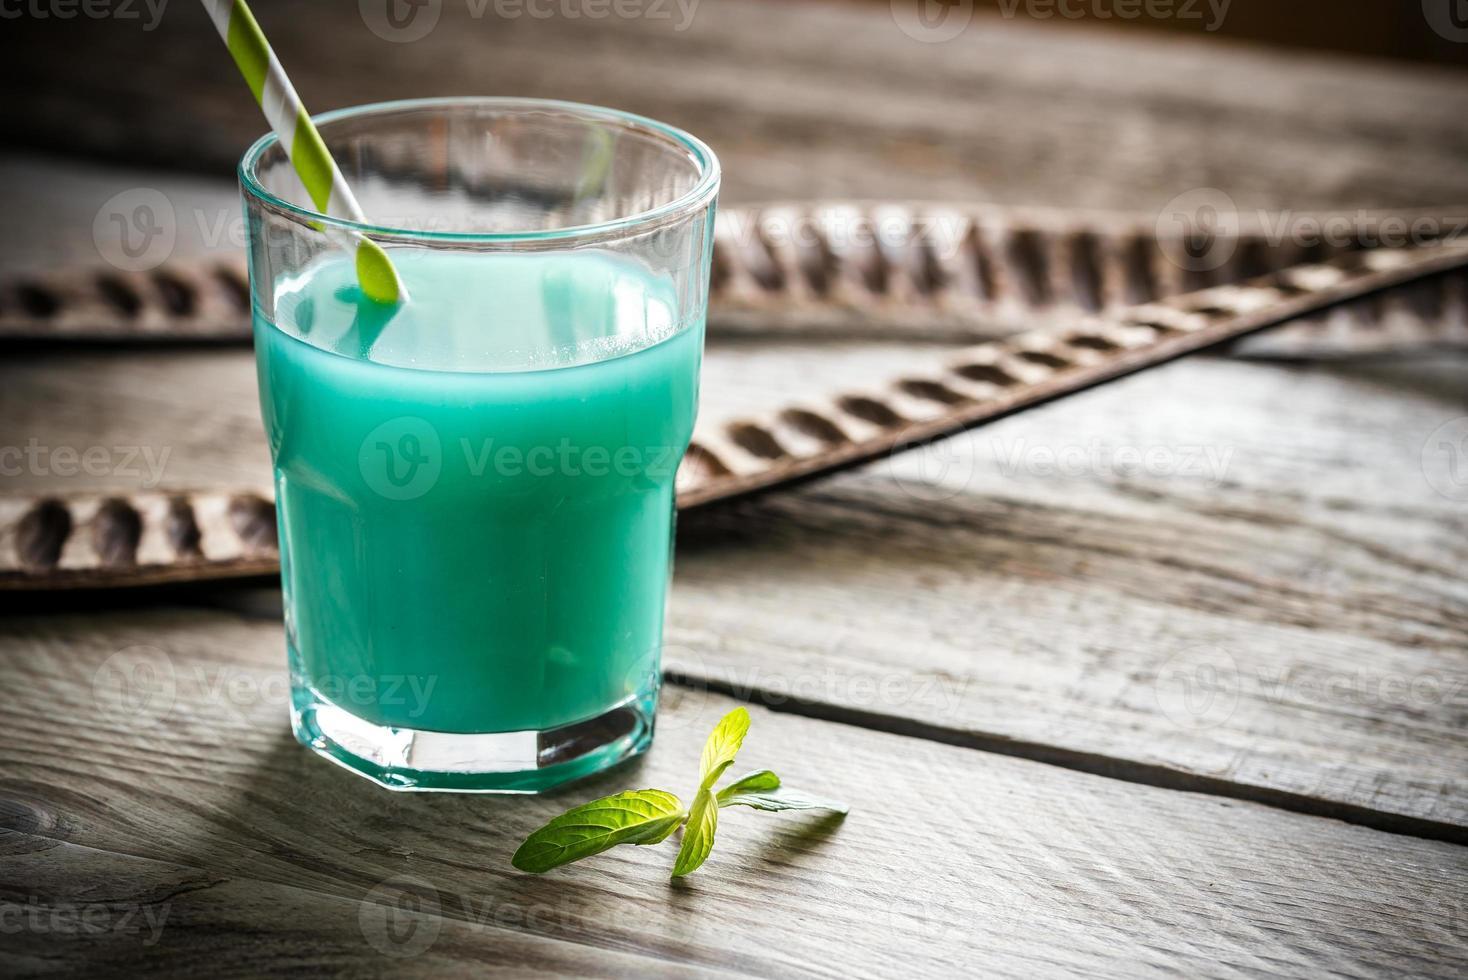 verre de curaçao bleu et cocktail de jus photo